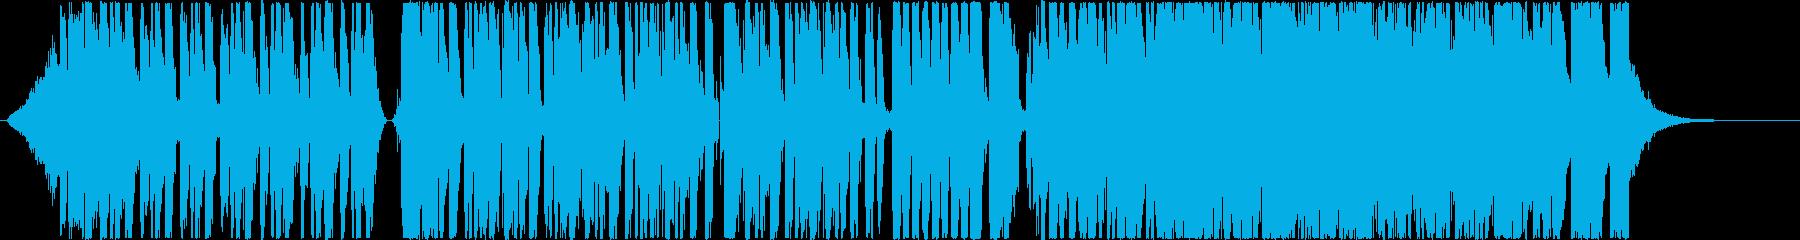 電子楽器と鼓のミステリアスなBGMの再生済みの波形